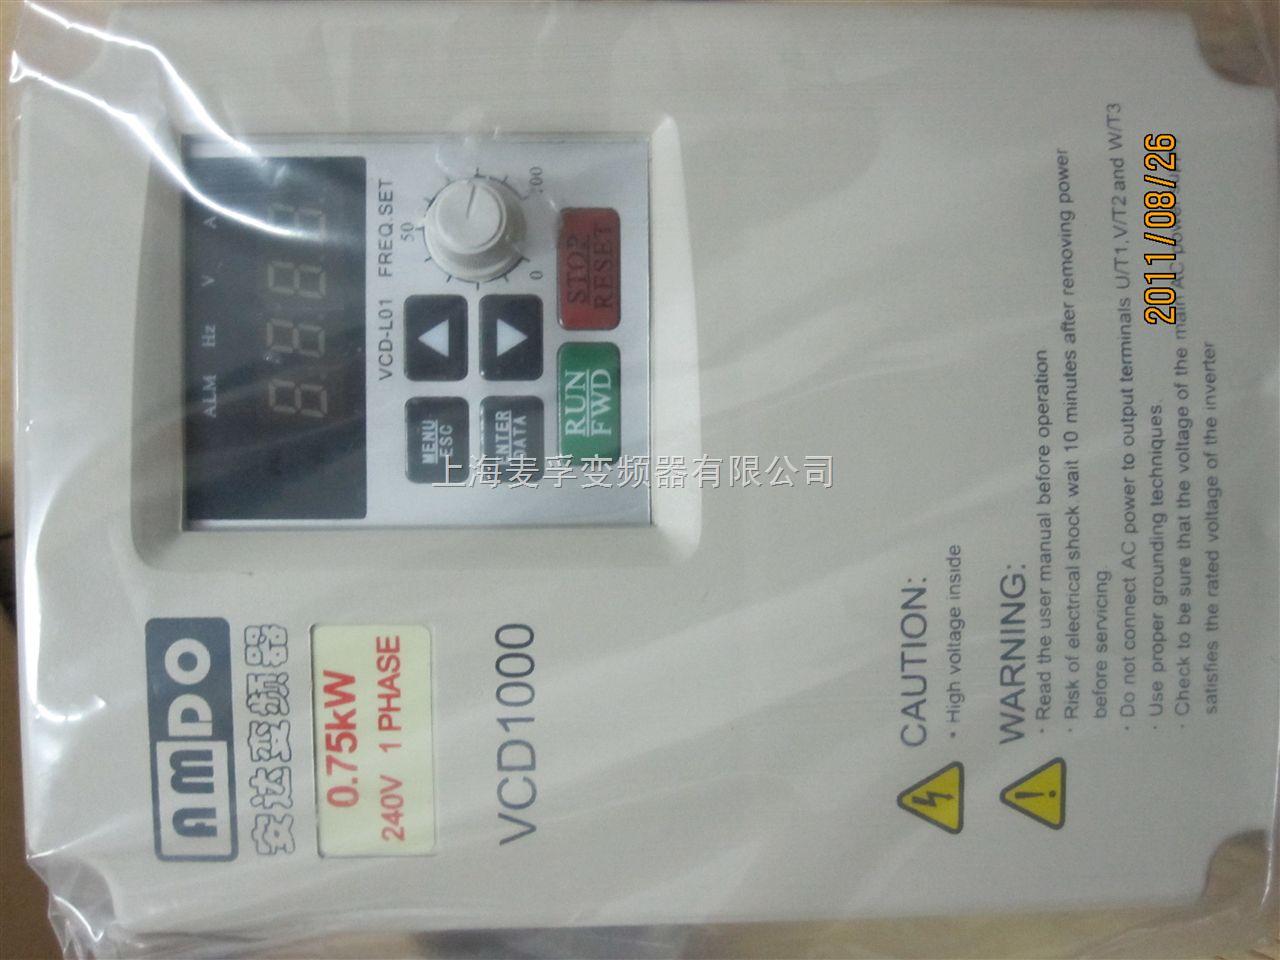 安达变频器vcd1000f4t0037b